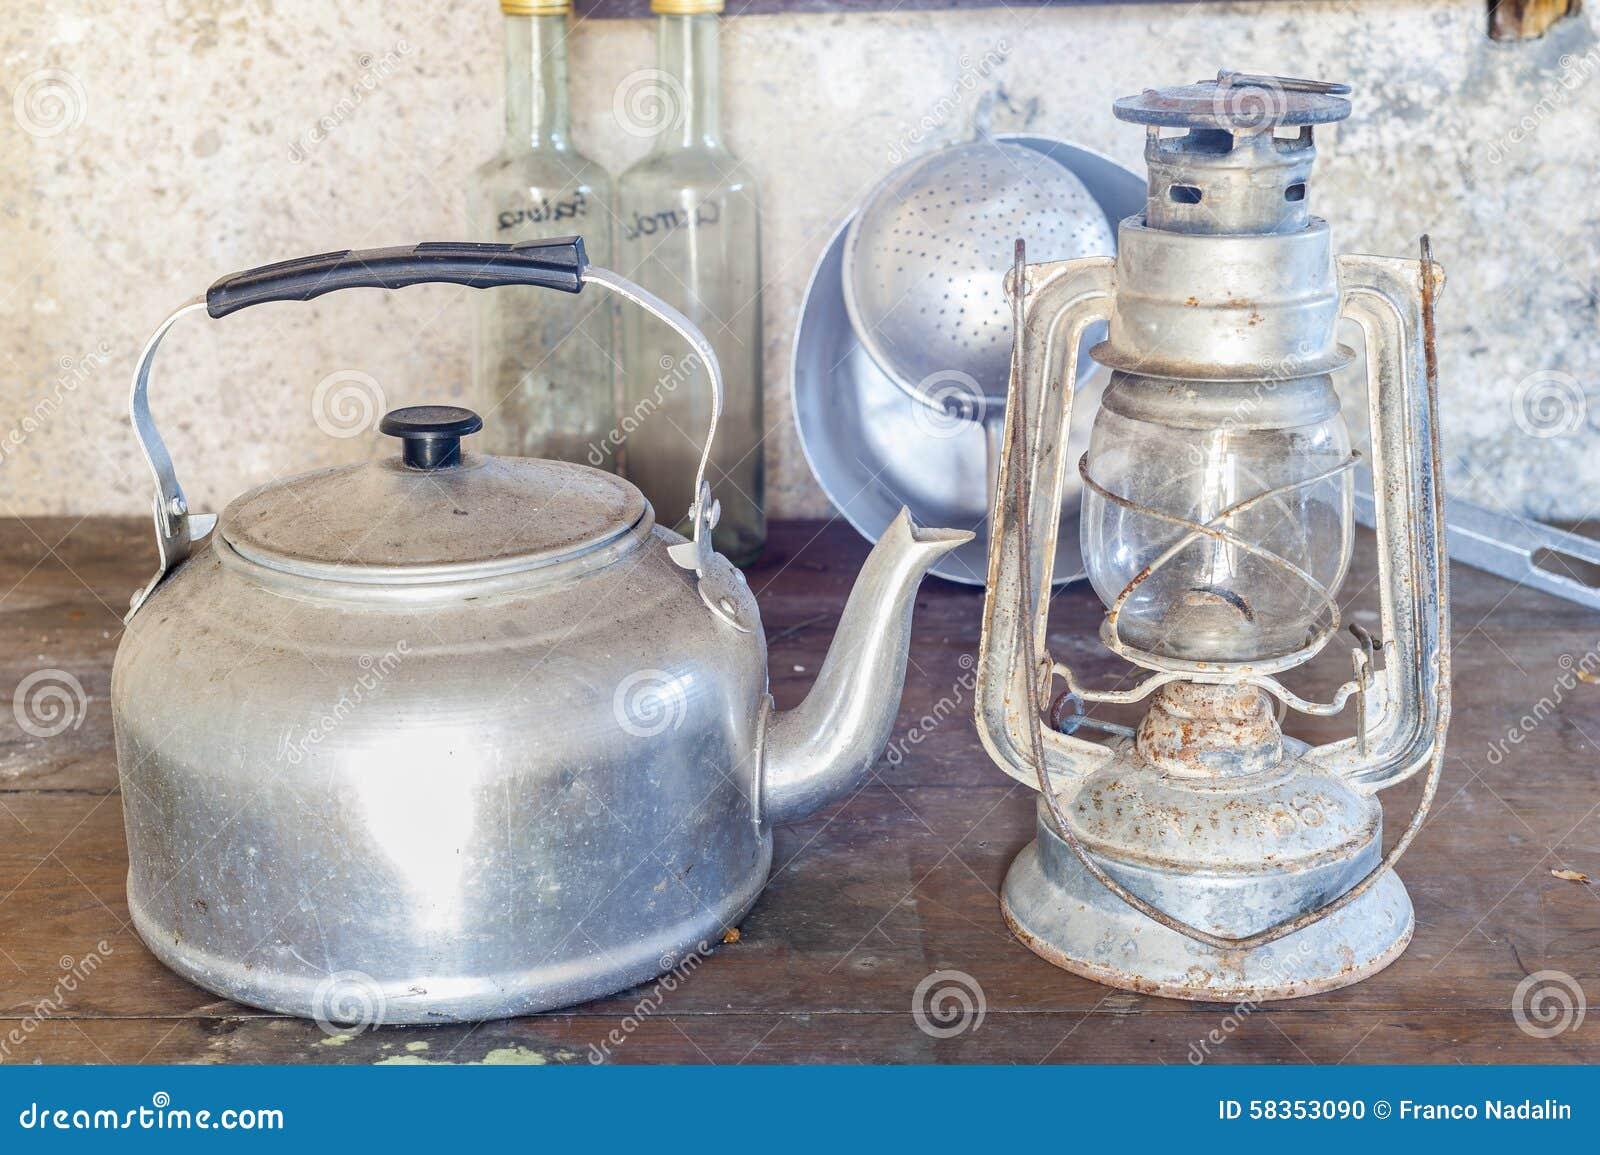 Viejos objetos de una cocina rural foto de archivo for Objetos de cocina